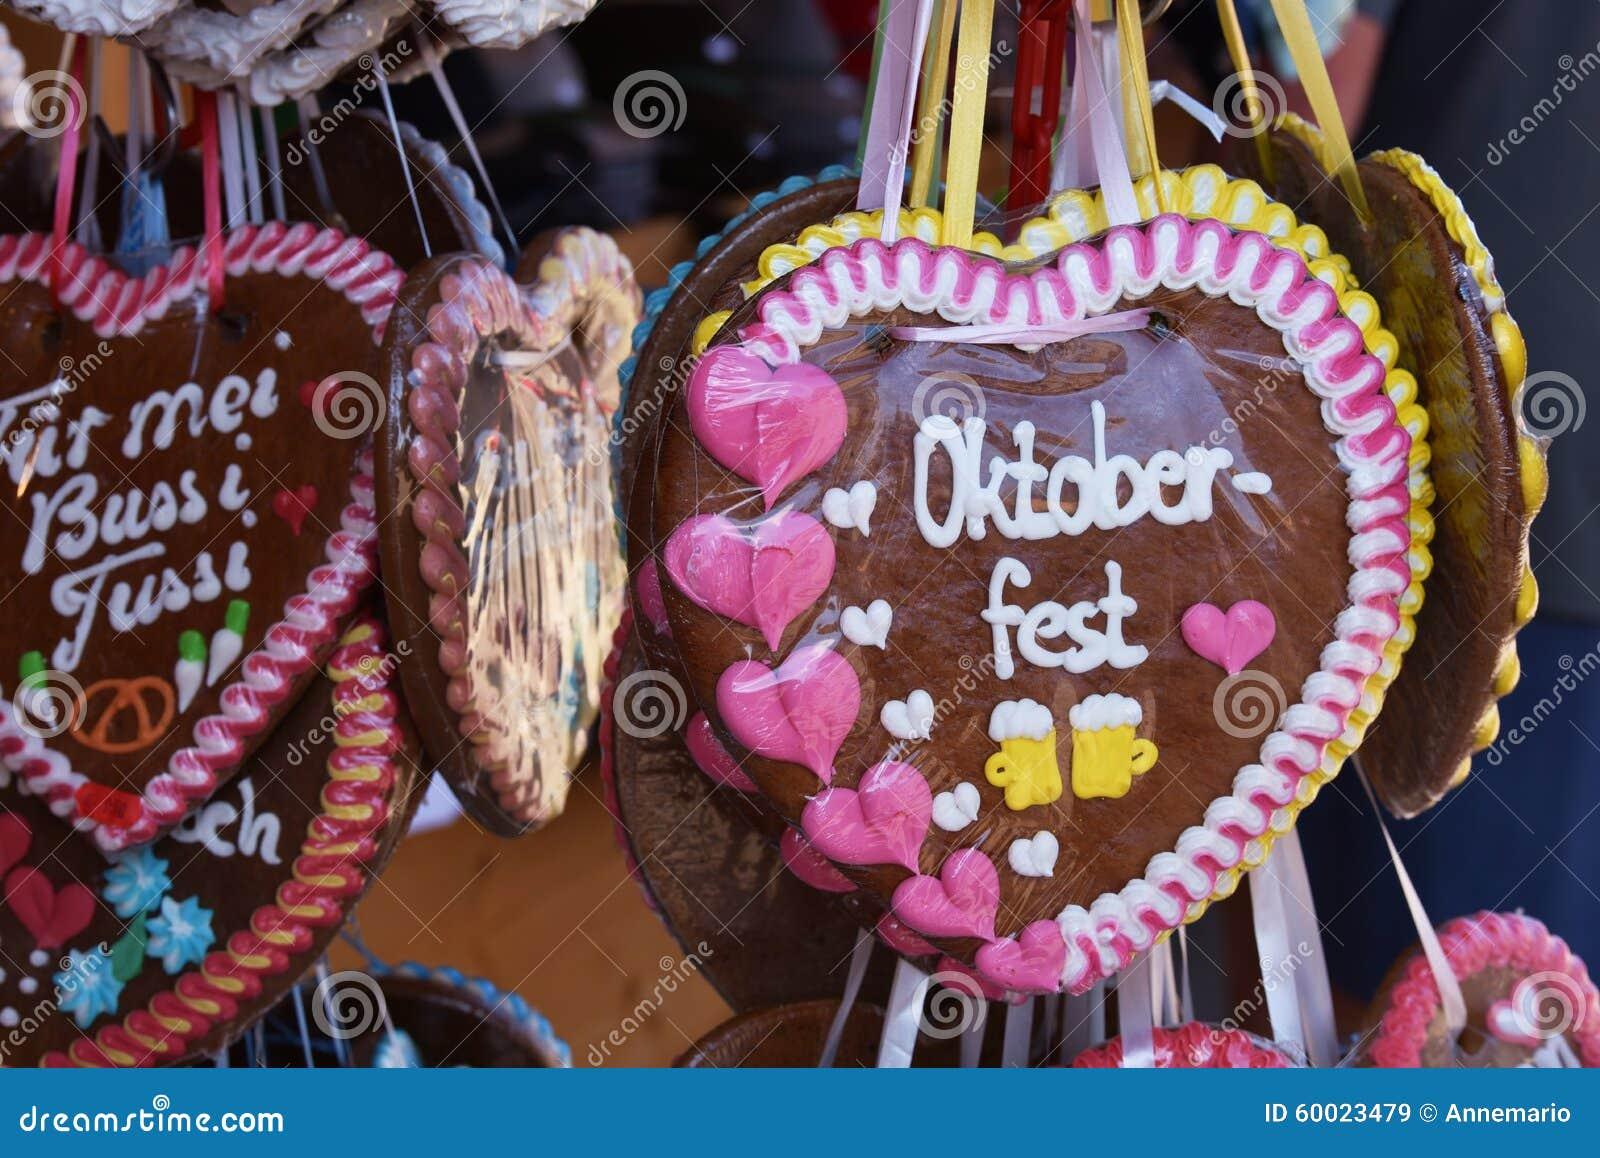 Groeten van Oktoberfest